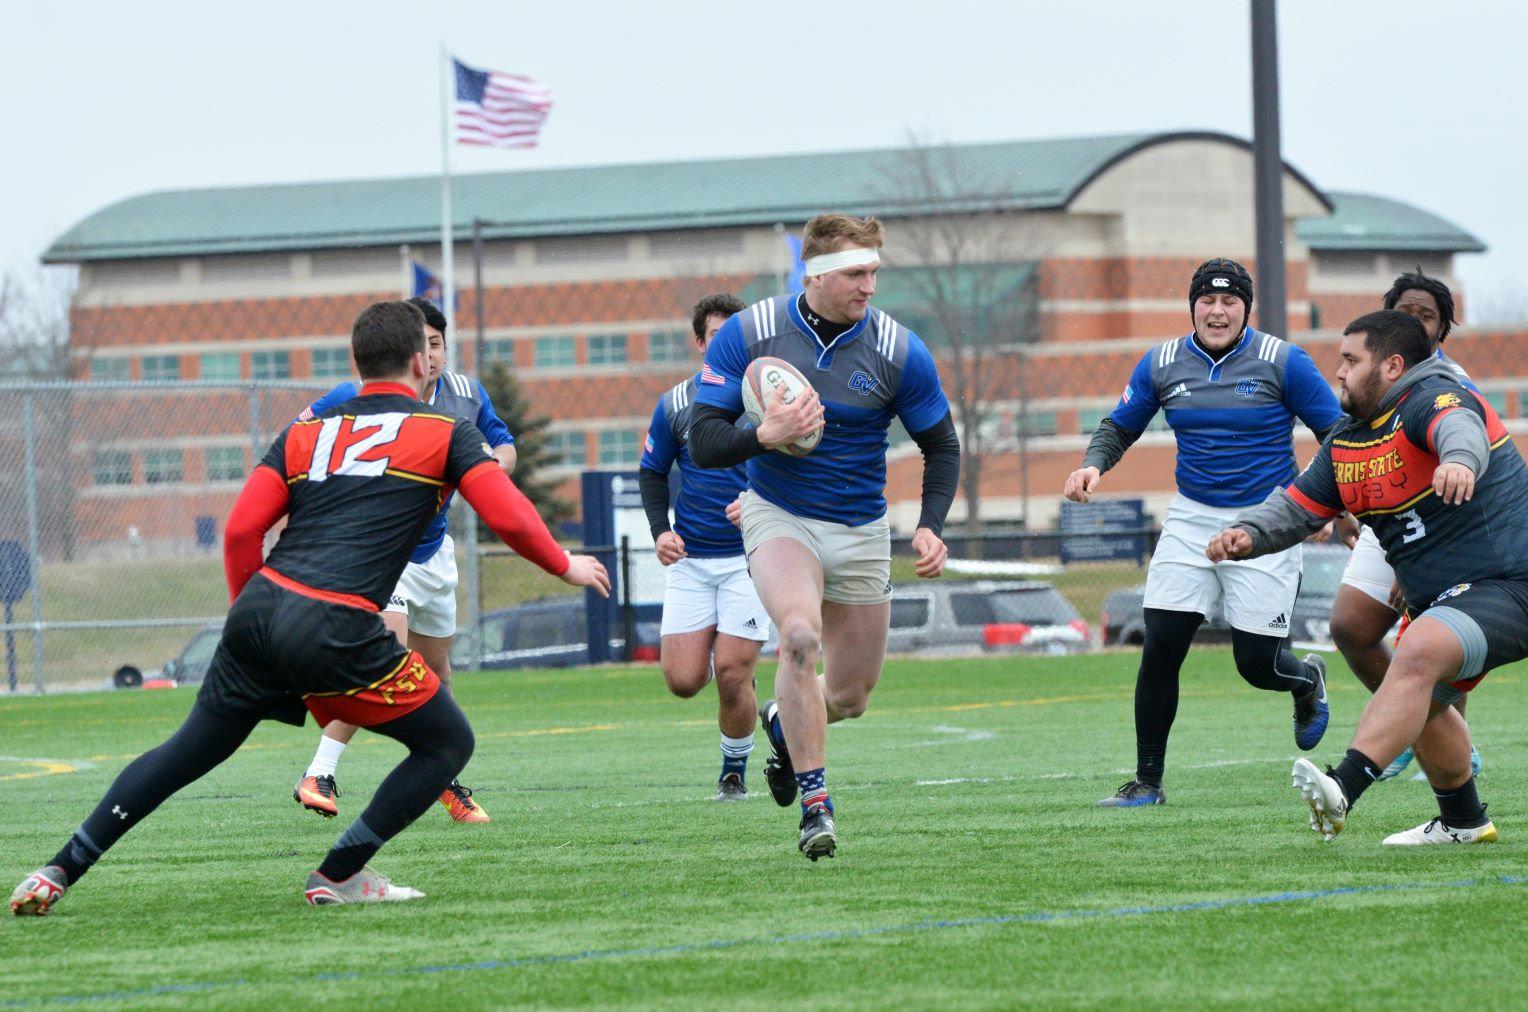 Nick_Viau_-_Copy_of_M_rugby